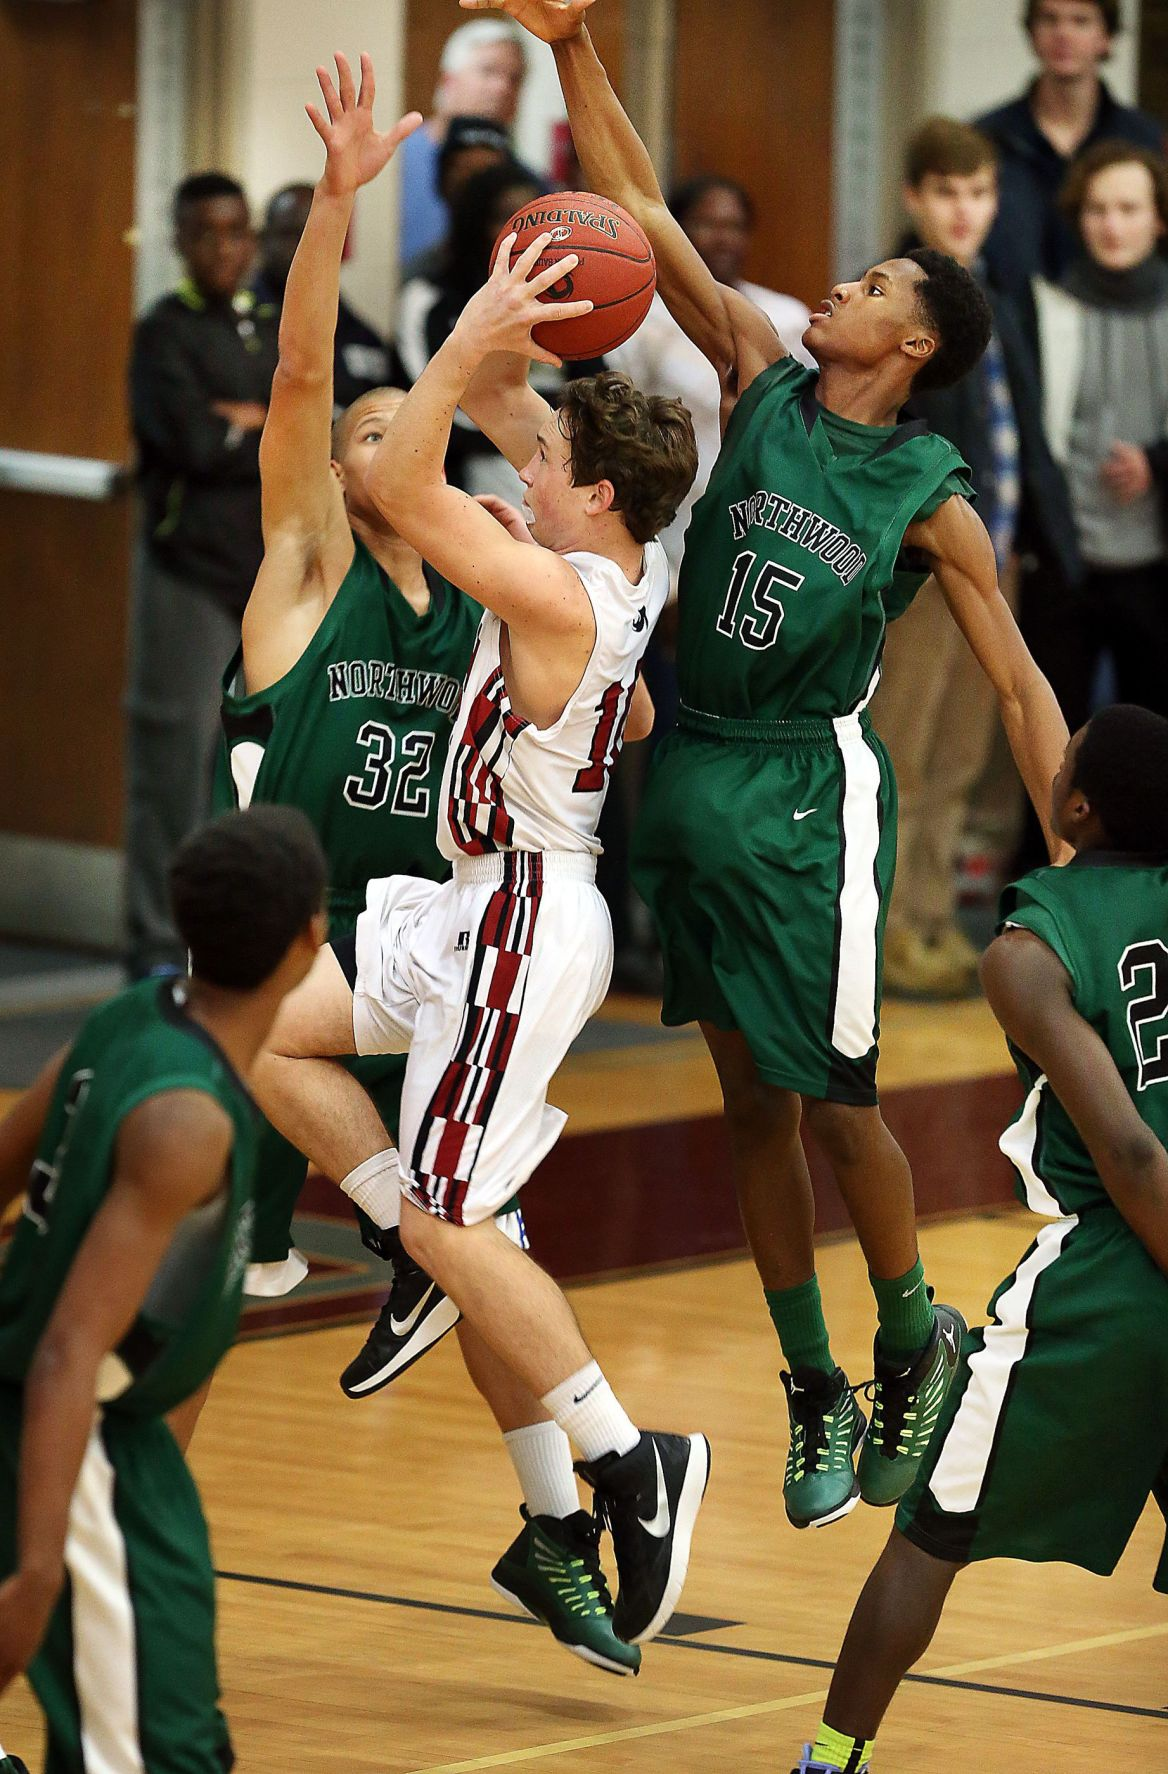 SCISA basketball playoffs begin Friday